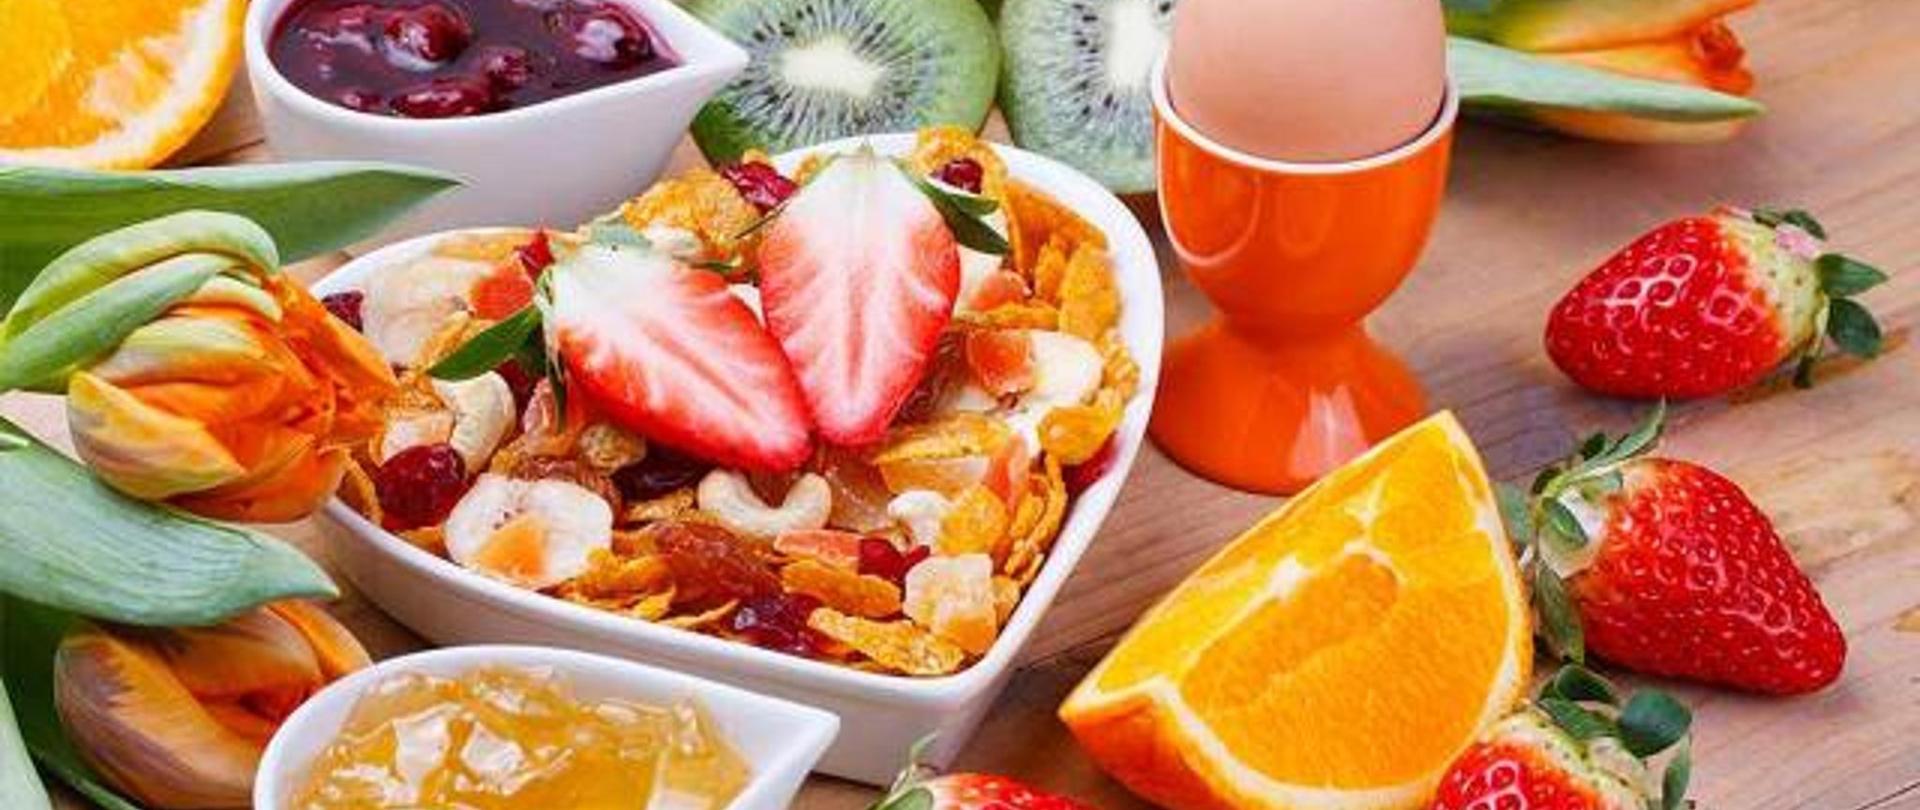 colazione-genuina-e-sana-continentale-a-lignano-hotel-la-pigna-ristorante.jpg